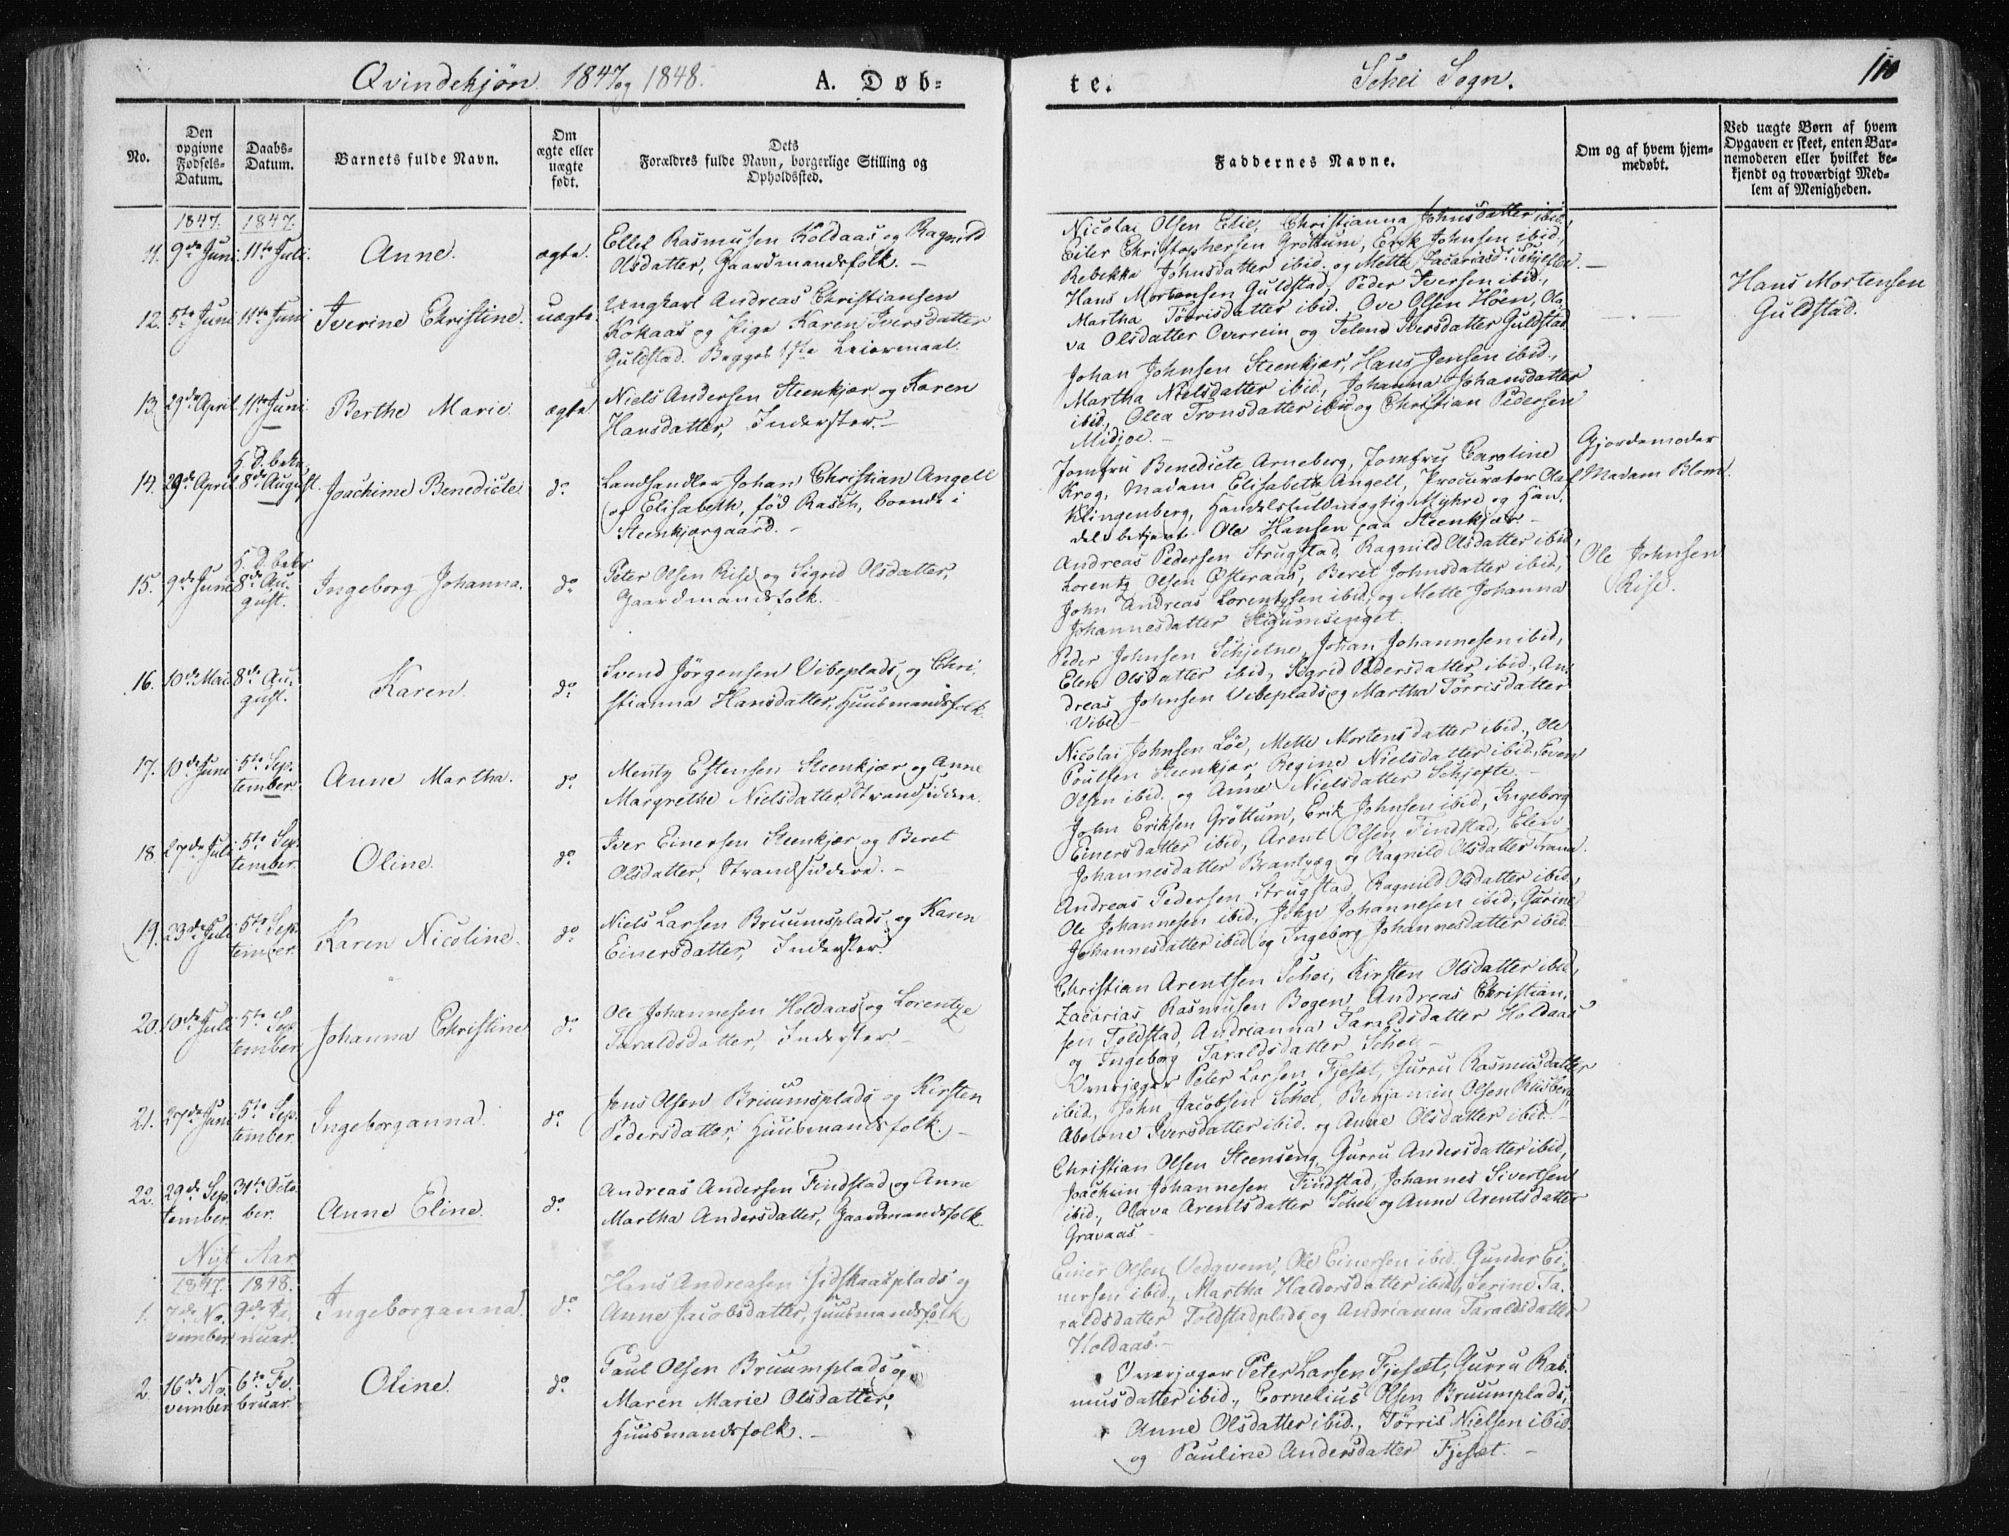 SAT, Ministerialprotokoller, klokkerbøker og fødselsregistre - Nord-Trøndelag, 735/L0339: Ministerialbok nr. 735A06 /2, 1836-1848, s. 110